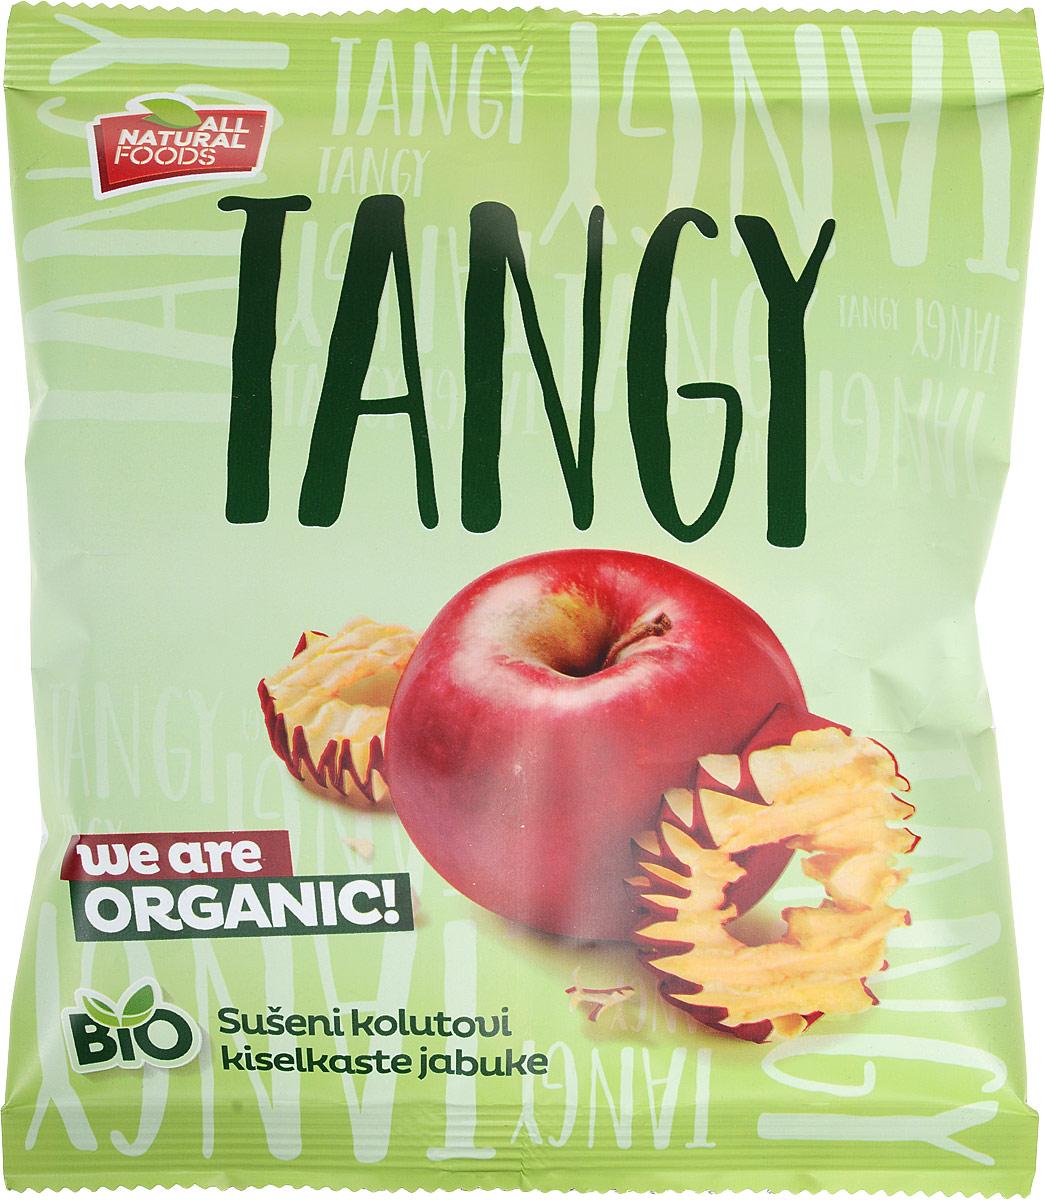 All Natural Foods сушеные колечки яблок кислый сорт, 20 г